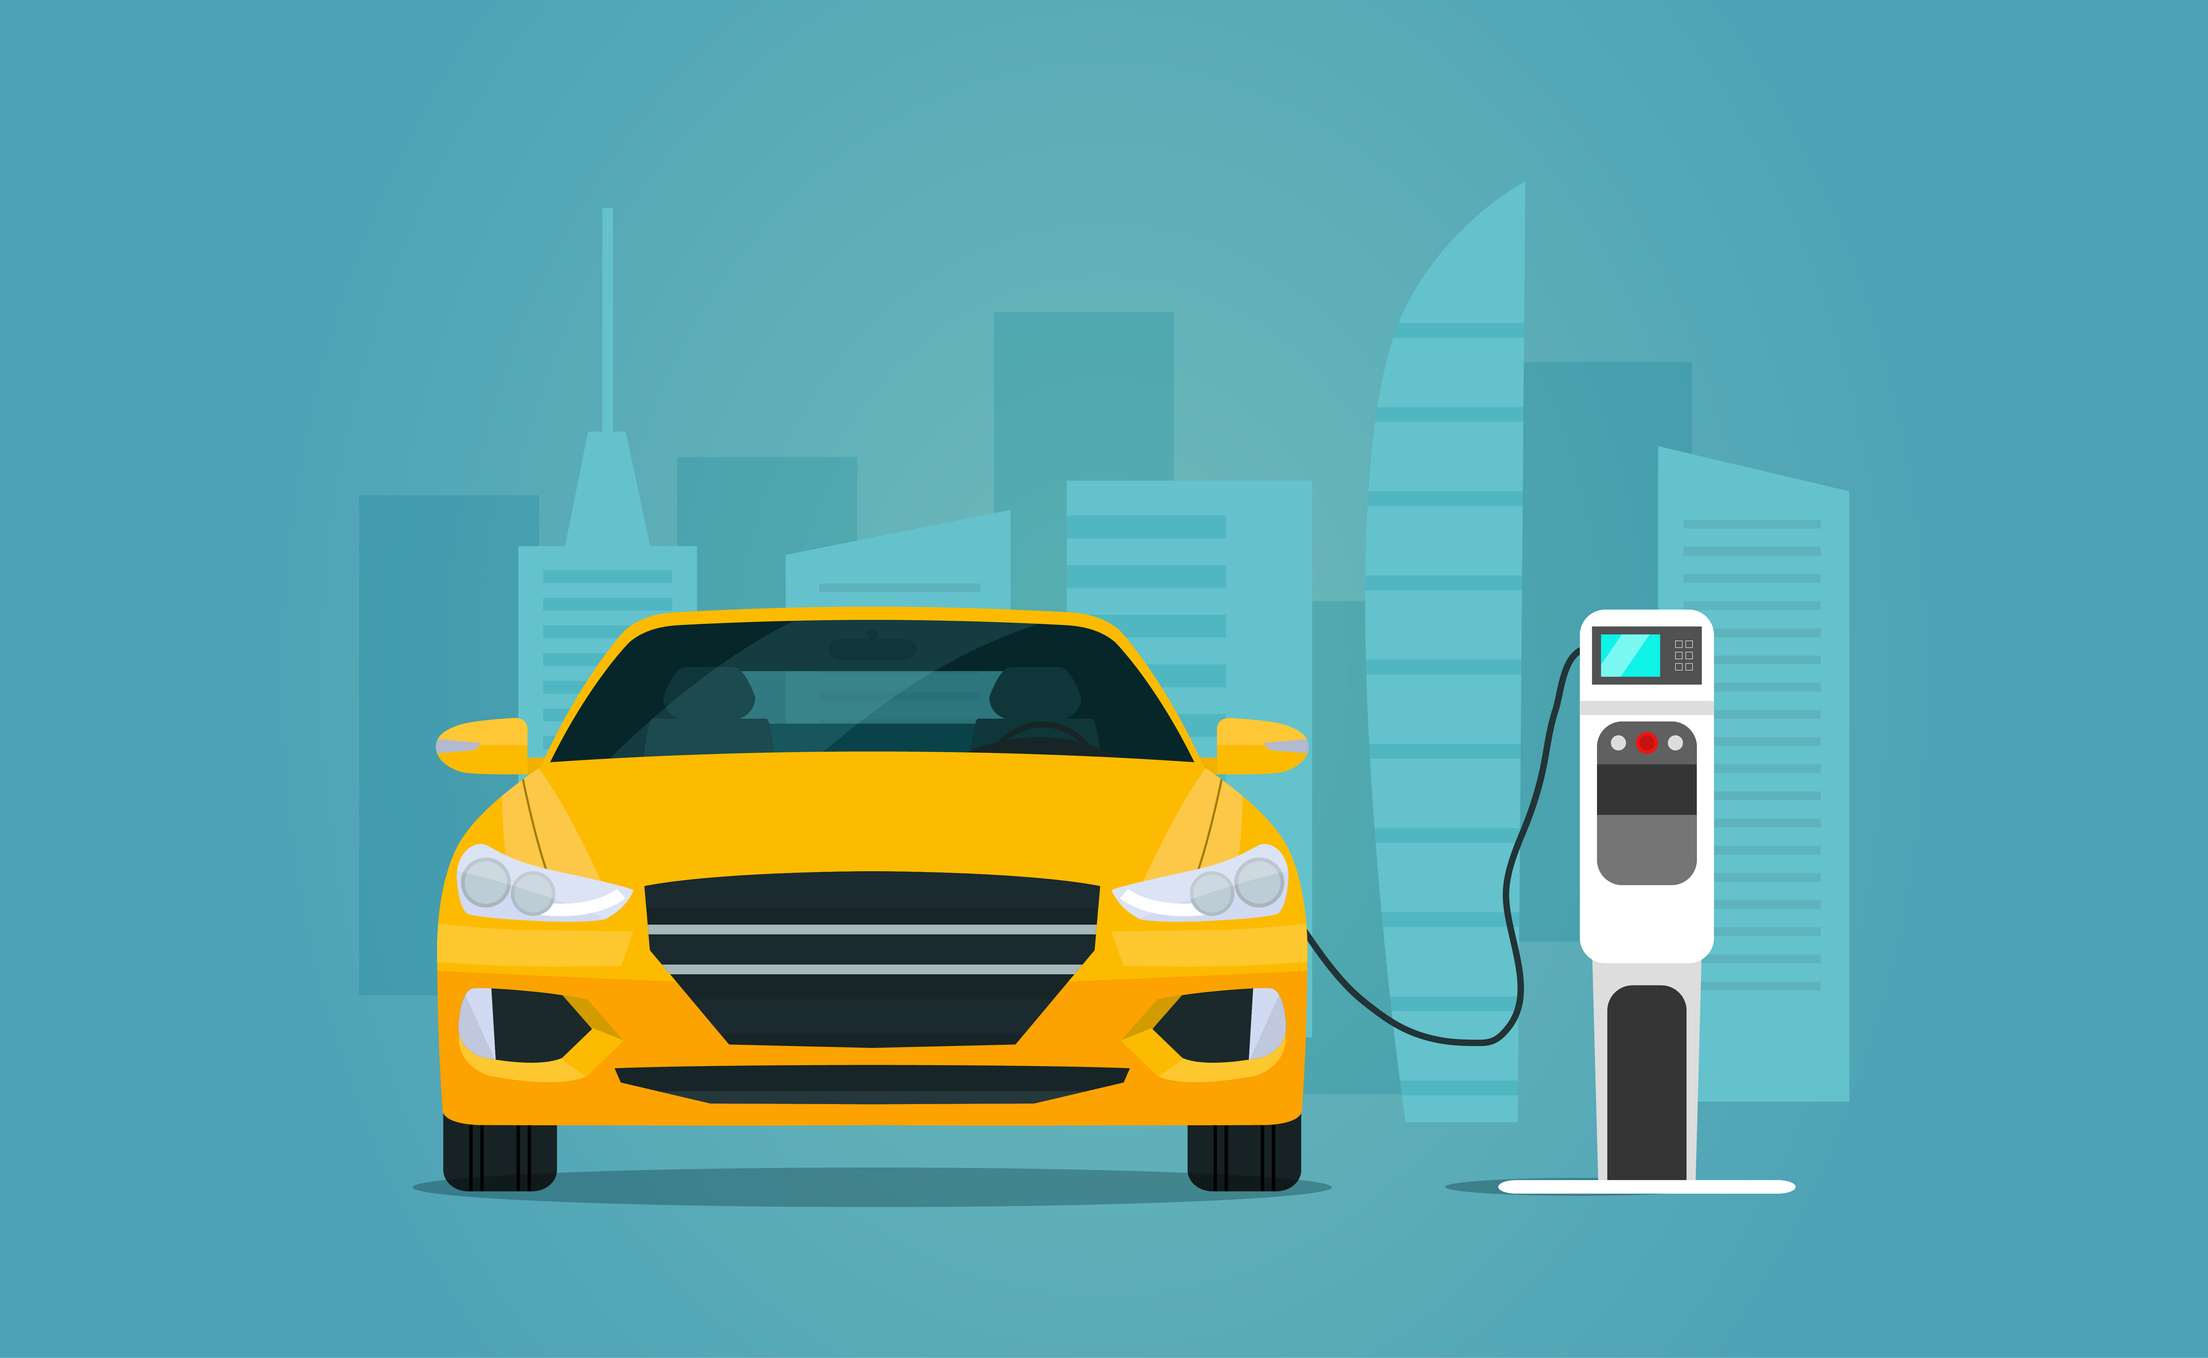 Electric sedan car charging